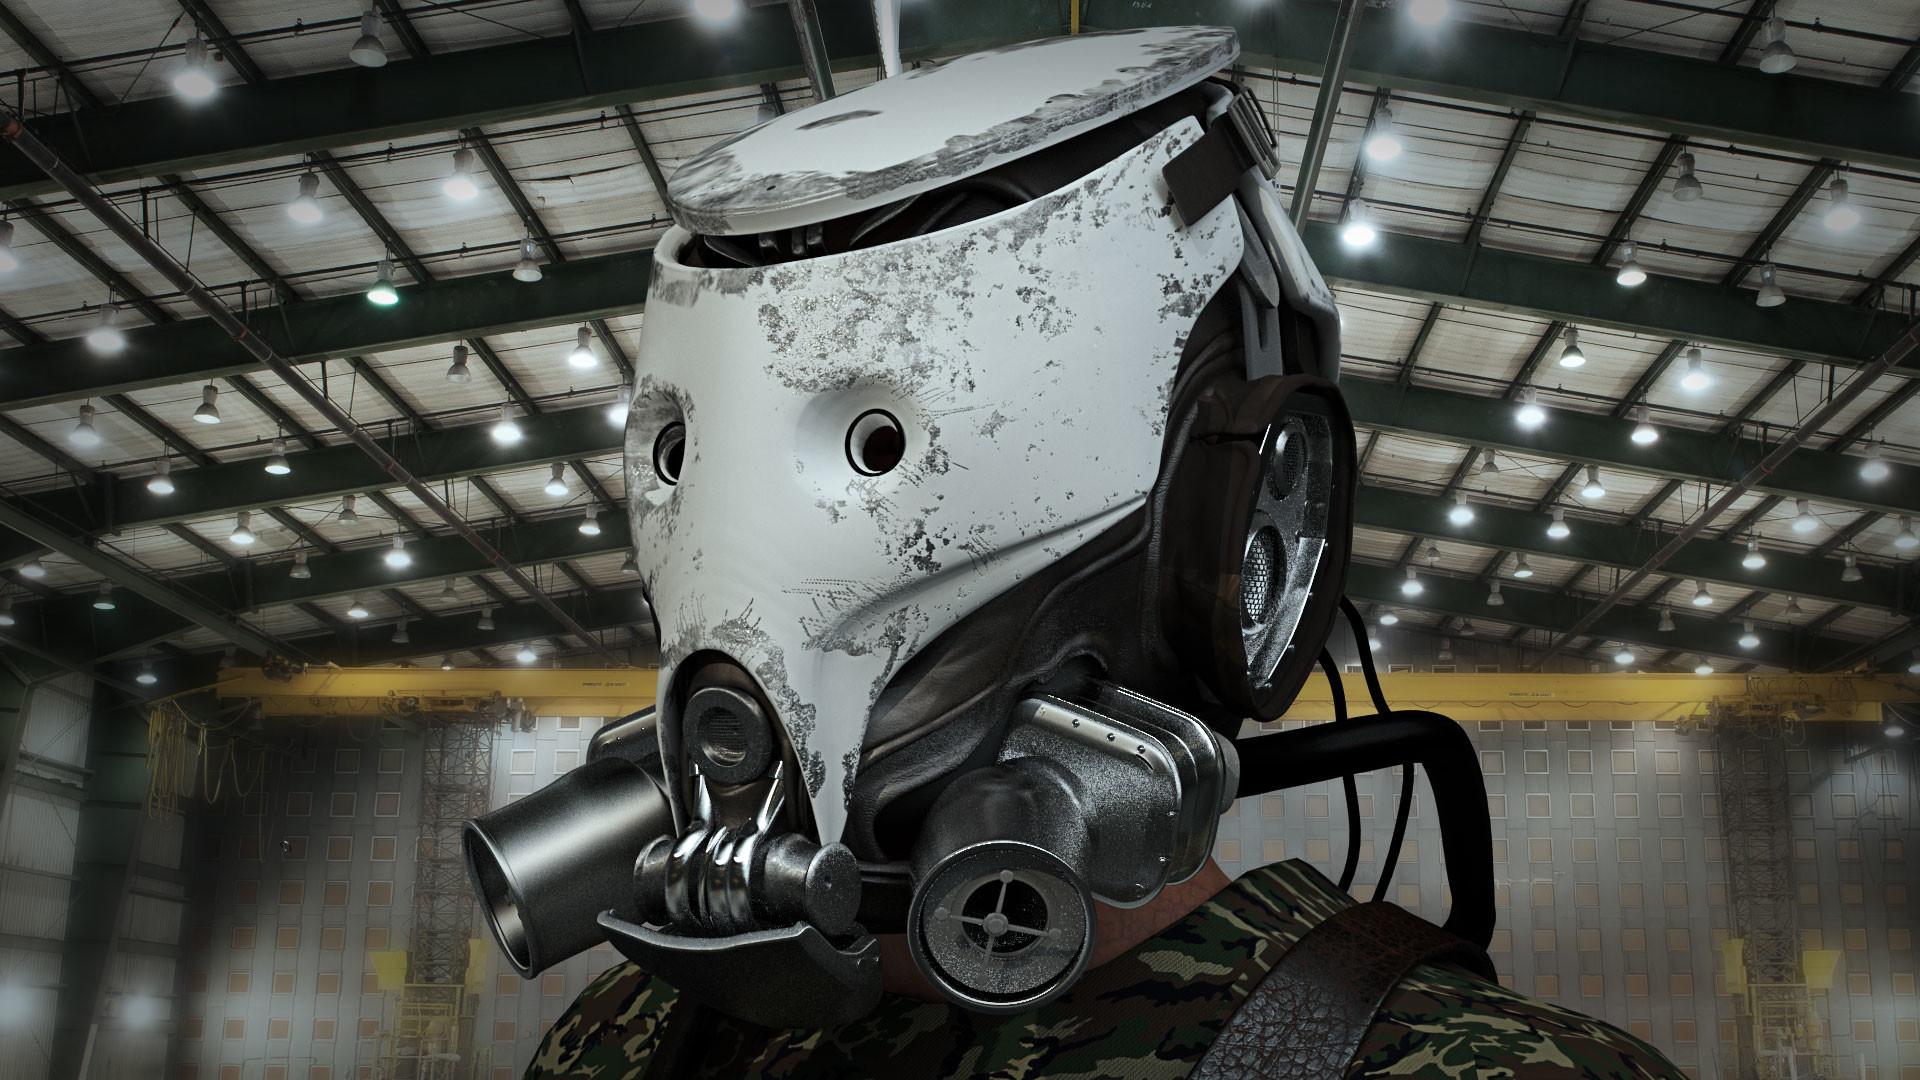 Fabricio rezende helmet hangar